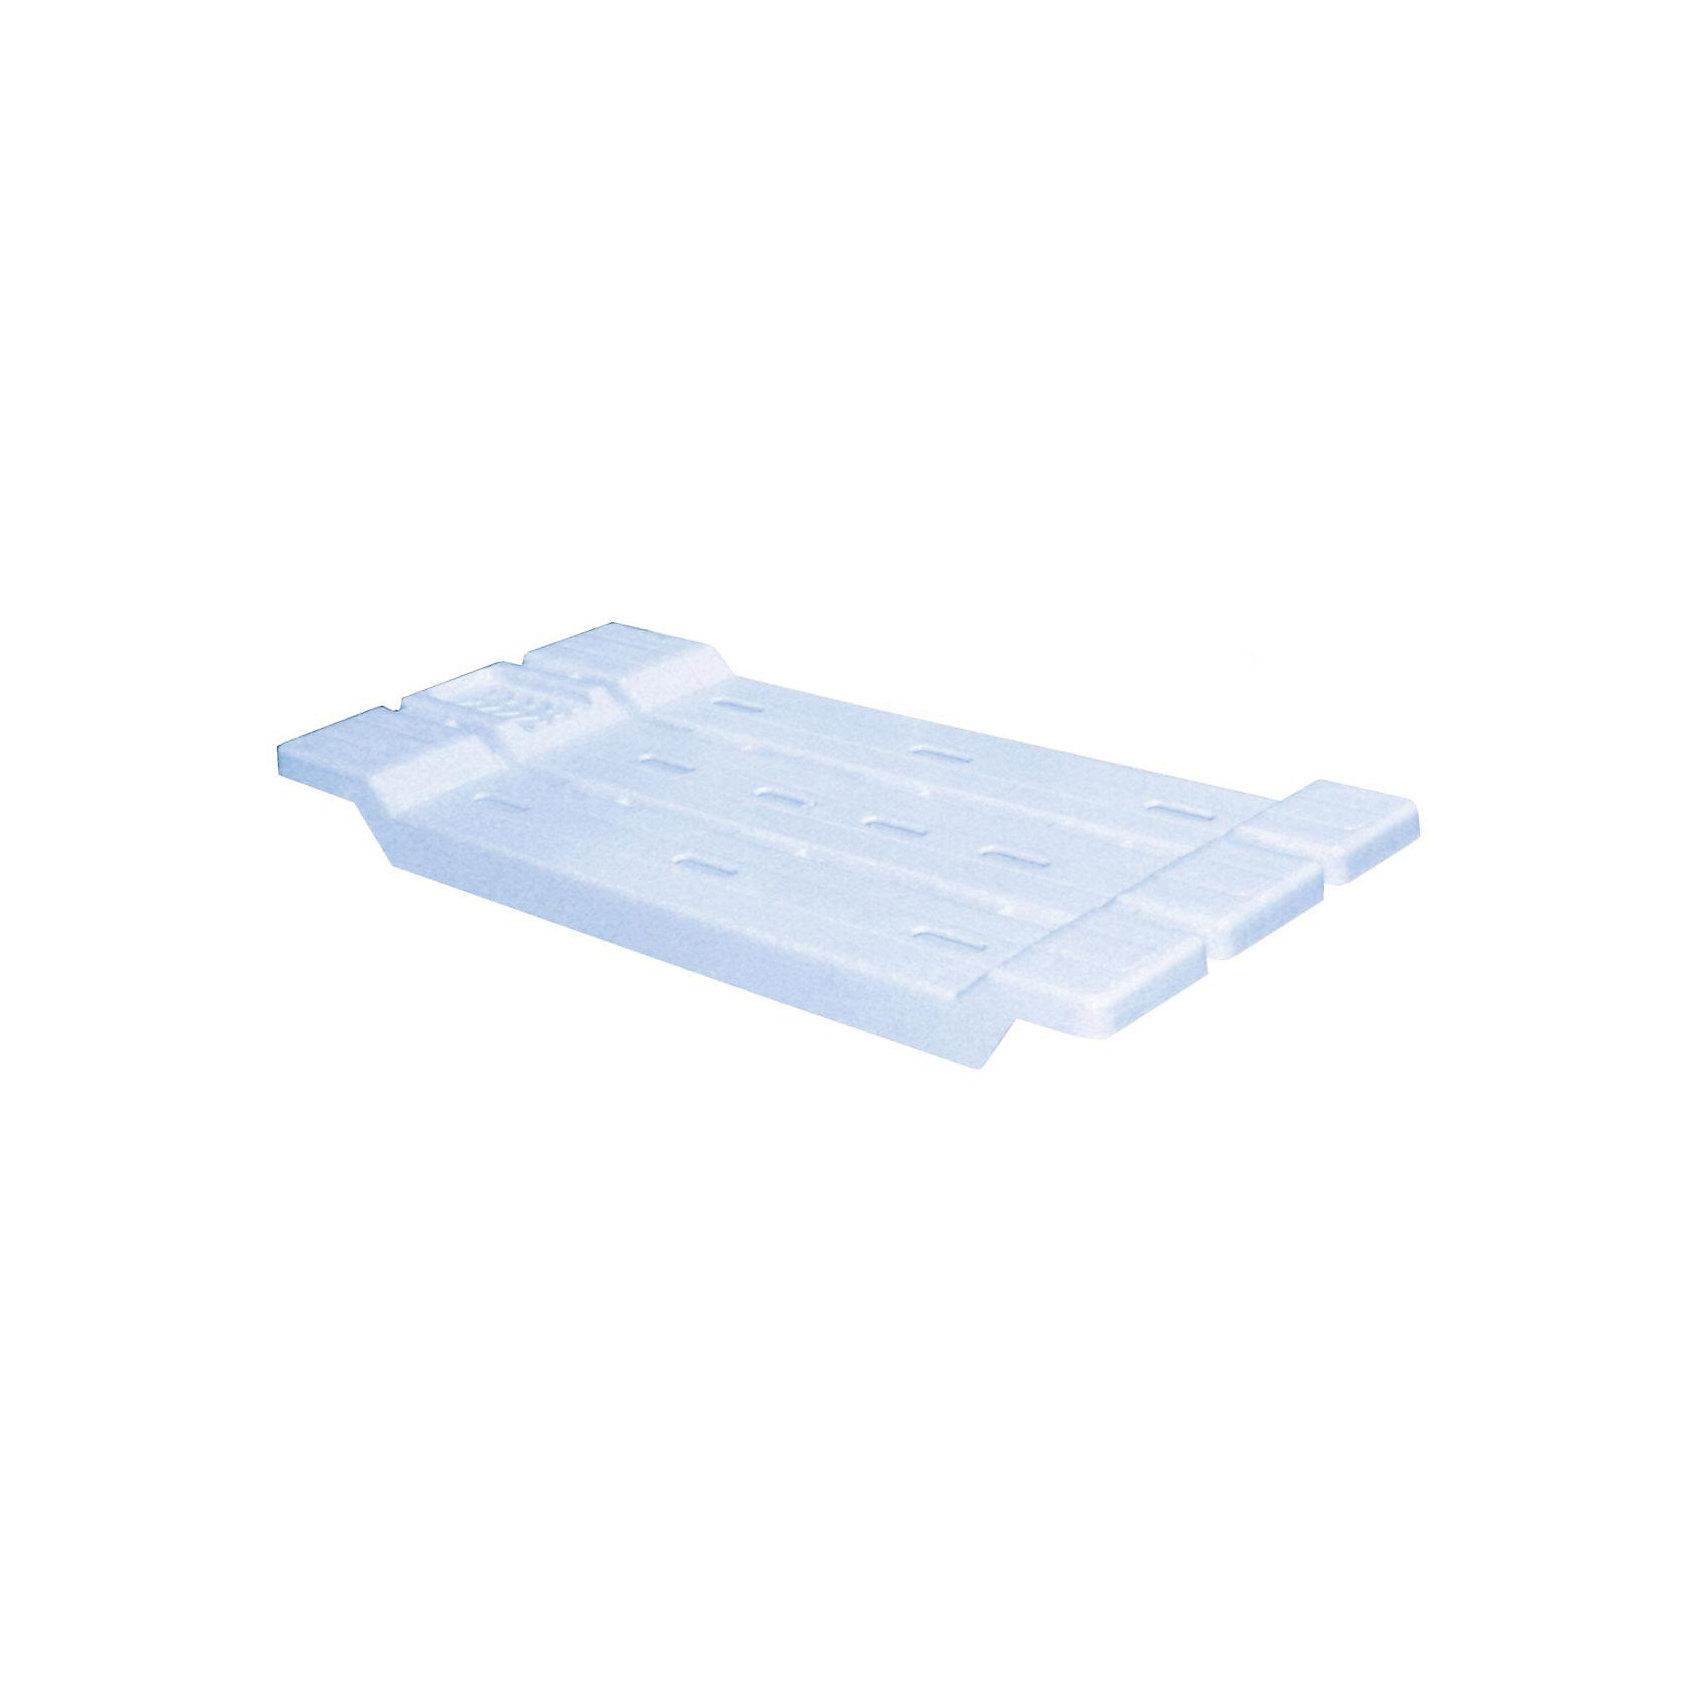 Полка для ванной (сиденье), Alternativa, голубойВанная комната<br>Характеристики:<br><br>• Предназначение: для ванной<br>• Материал: пластик<br>• Цвет: голубой<br>• Размер (Д*Ш*В): 68*31*4 см<br>• Вес: 400 г<br>• Форма: прямоугольный<br>• Максимальная нагрузка: 90 кг<br><br>Полка для ванной (сиденье), Alternativa, голубой изготовлена отечественным производителем ООО ЗПИ Альтернатива, который специализируется на выпуске широкого спектра изделий из пластика. Изделие выполнено из безопасного и прочного пластика, устойчивого к механическим повреждениям. Полка выполнена в форме сидения, подходит для ванных стандартного размера. На поверхности изделия предусмотрена выемка для мыла. Полка для ванной (сиденье), Alternativa, голубой может быть использована в качестве сидения во время ежедневных водных процедурах и в качестве полки-подставки для моющих средств. <br><br>Полку для ванной (сиденье), Alternativa, голубую можно купить в нашем интернет-магазине.<br><br>Ширина мм: 680<br>Глубина мм: 310<br>Высота мм: 40<br>Вес г: 955<br>Возраст от месяцев: -2147483648<br>Возраст до месяцев: 2147483647<br>Пол: Унисекс<br>Возраст: Детский<br>SKU: 5096670